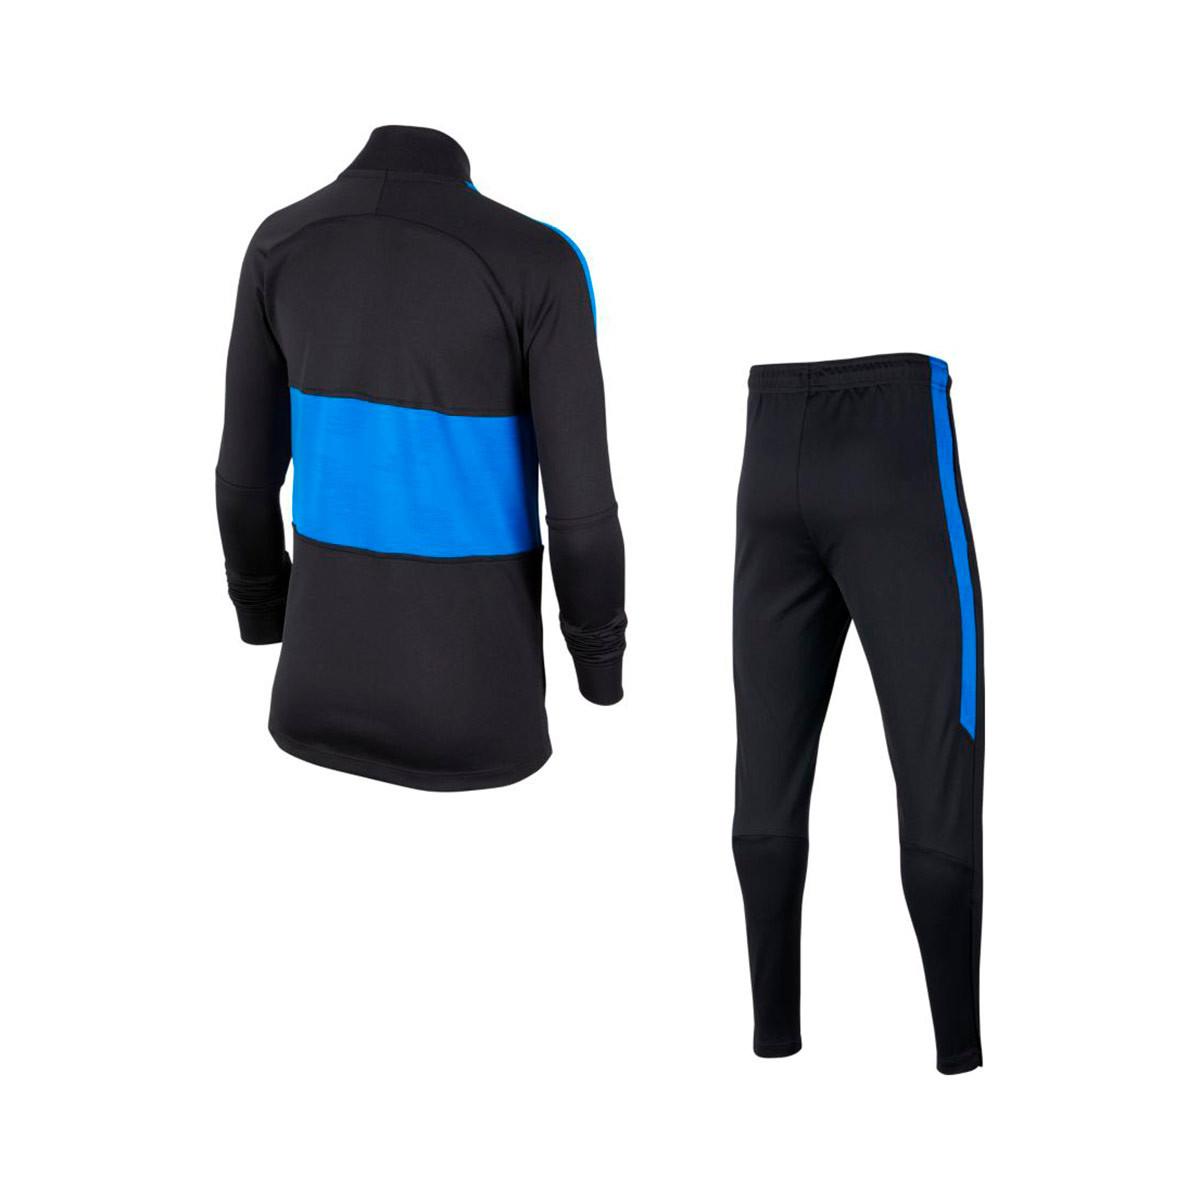 zapatillas de skate excepcional gama de estilos más fotos Chándal Nike Jordan x PSG Dry Strike Cuarta Equipación 2019-2020 ...